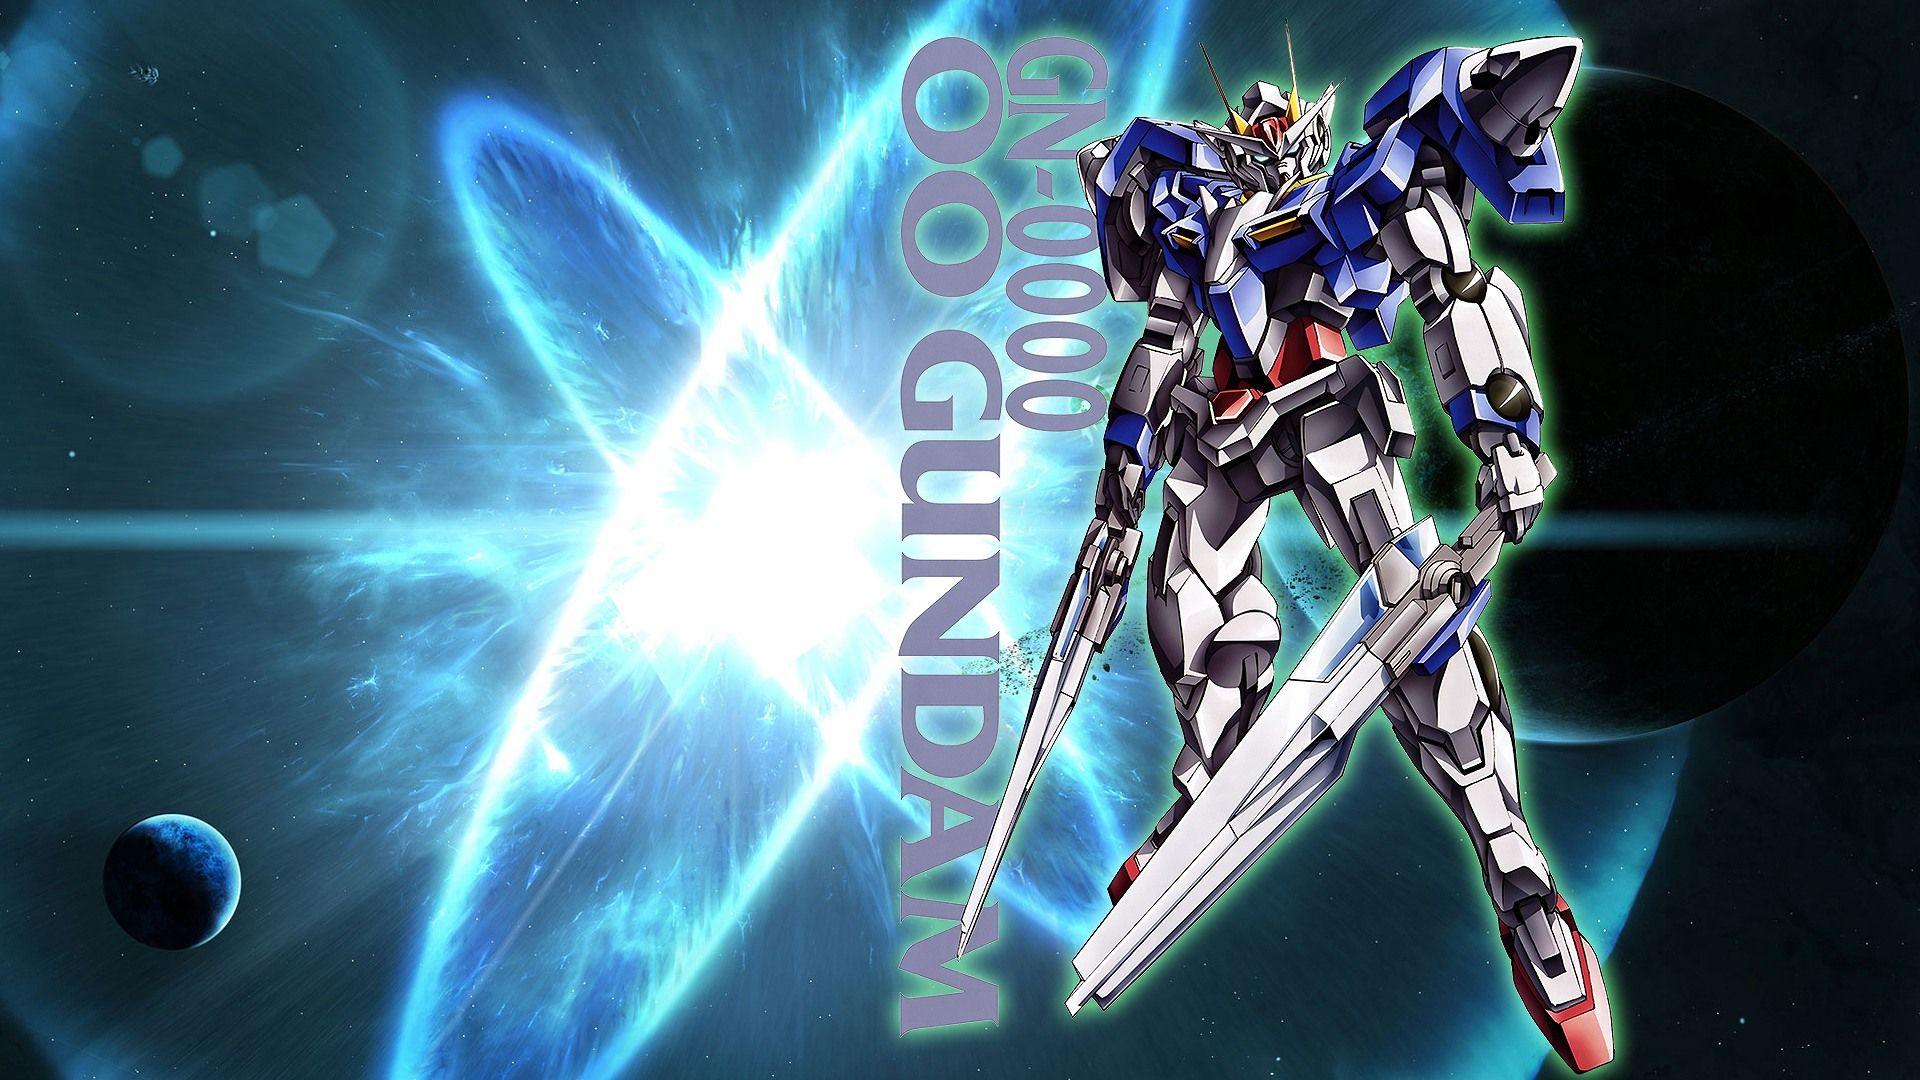 Gundam 00 機動戦士ガンダム00 壁紙 ダブルオーガンダム ガンダム